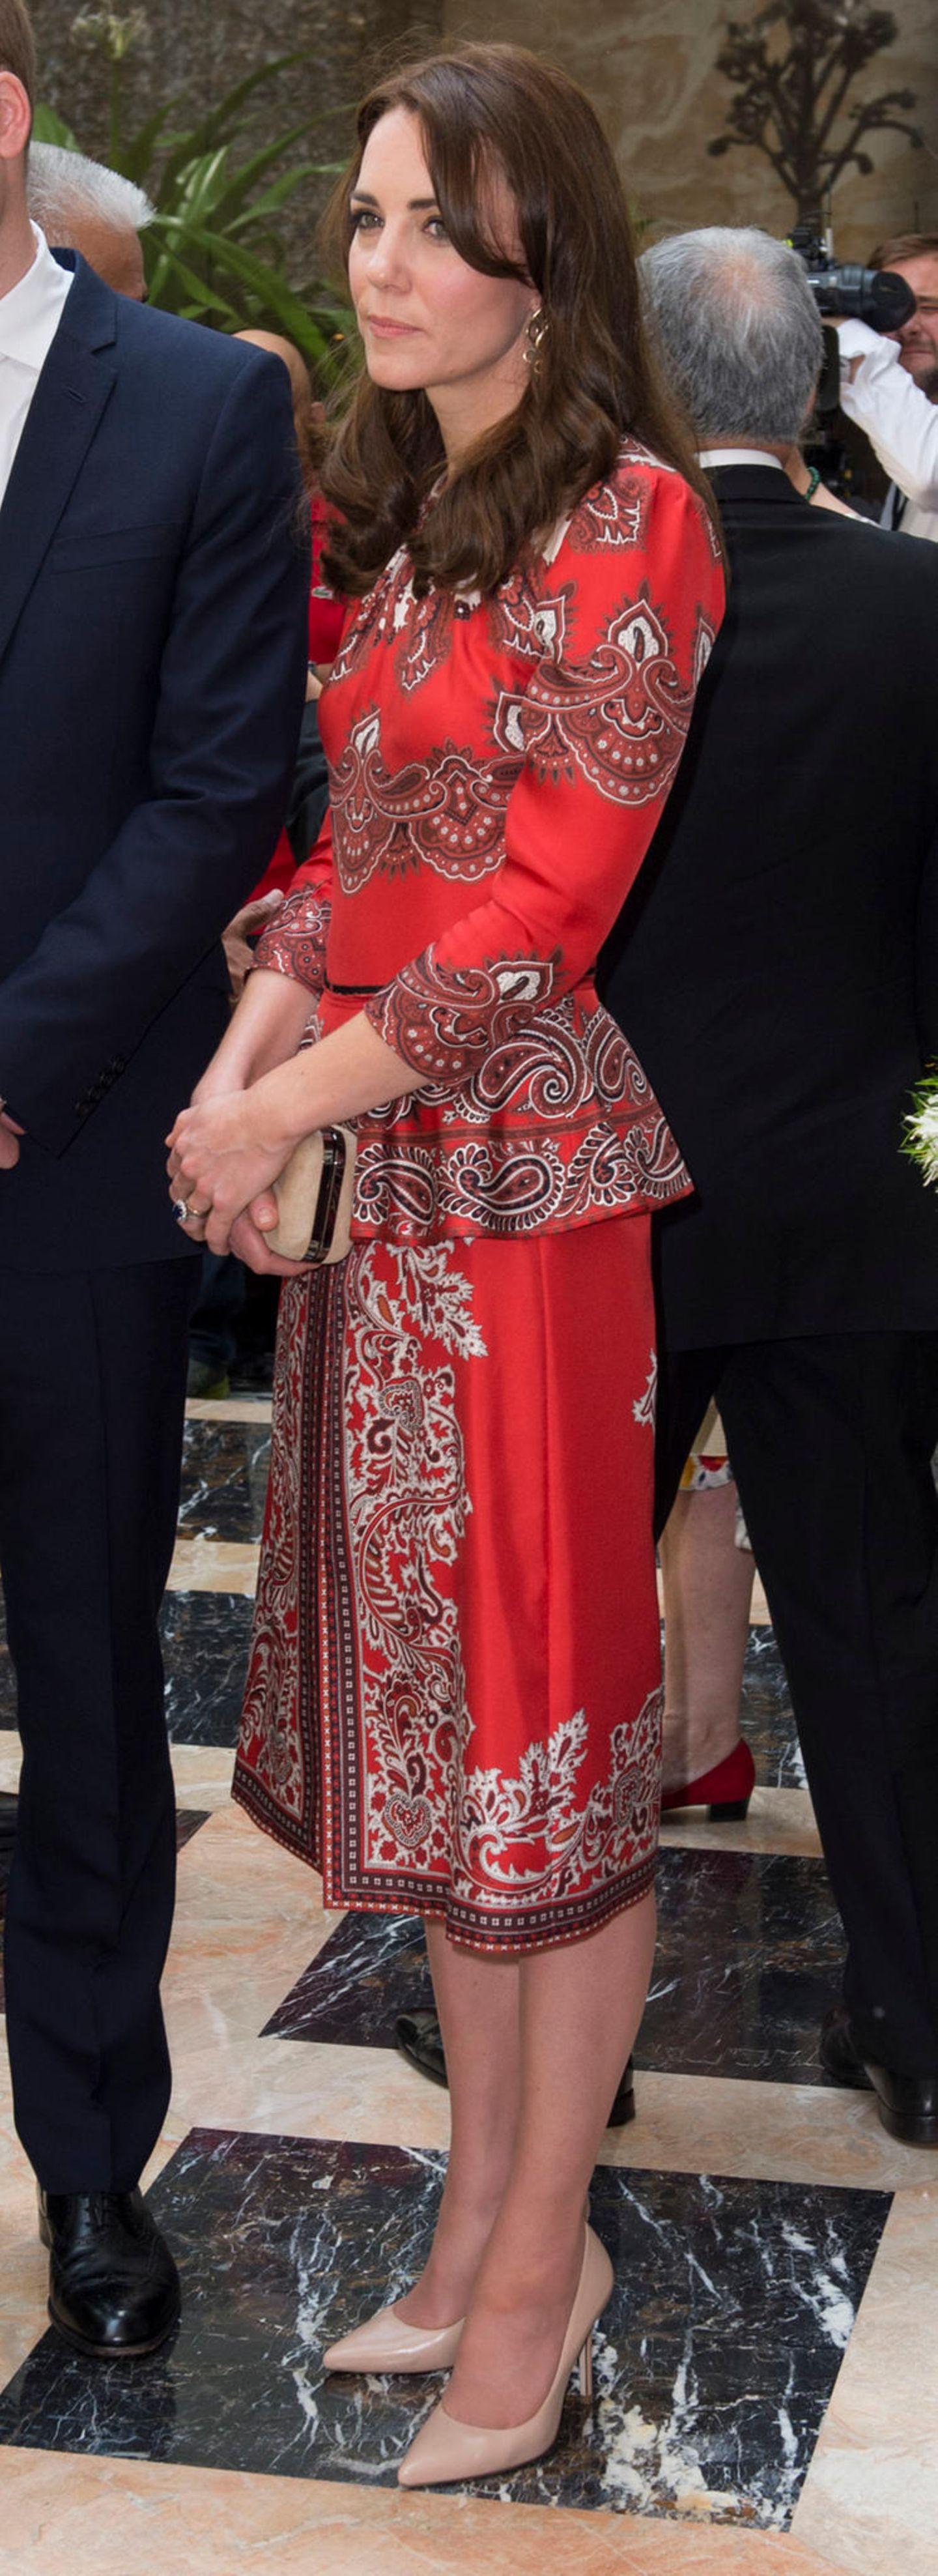 In einem auffälligen roten Kleid mit hübschen Ornamenten zeigt sich Herzogin Catherine 2016 am Tag 1 ihrer Indien-Reise zusammen mit Prinz William. Das Alexander-McQueen-Kleid mit Schößchen an der Taille und Beinschlitz ist ein toller Hingucker, den auch dieses Dessous-Model für sich entdeckt hat ...